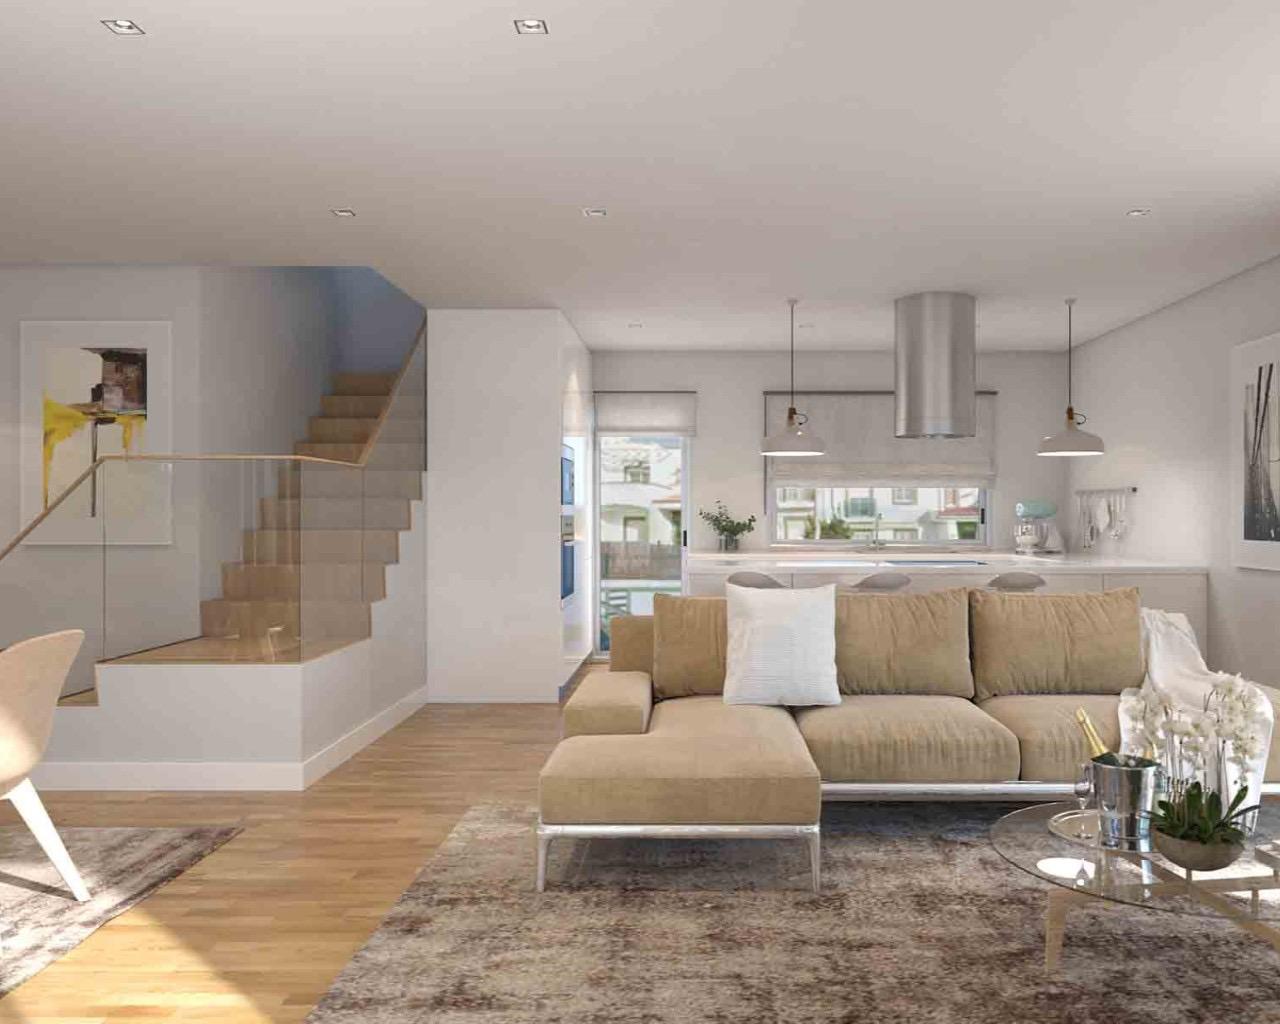 Villa contemporaine de 3 chambres avec piscine individuelle, terrasses à Ferragudo  - La maison se situe dans un ensemble de villas individuelles à